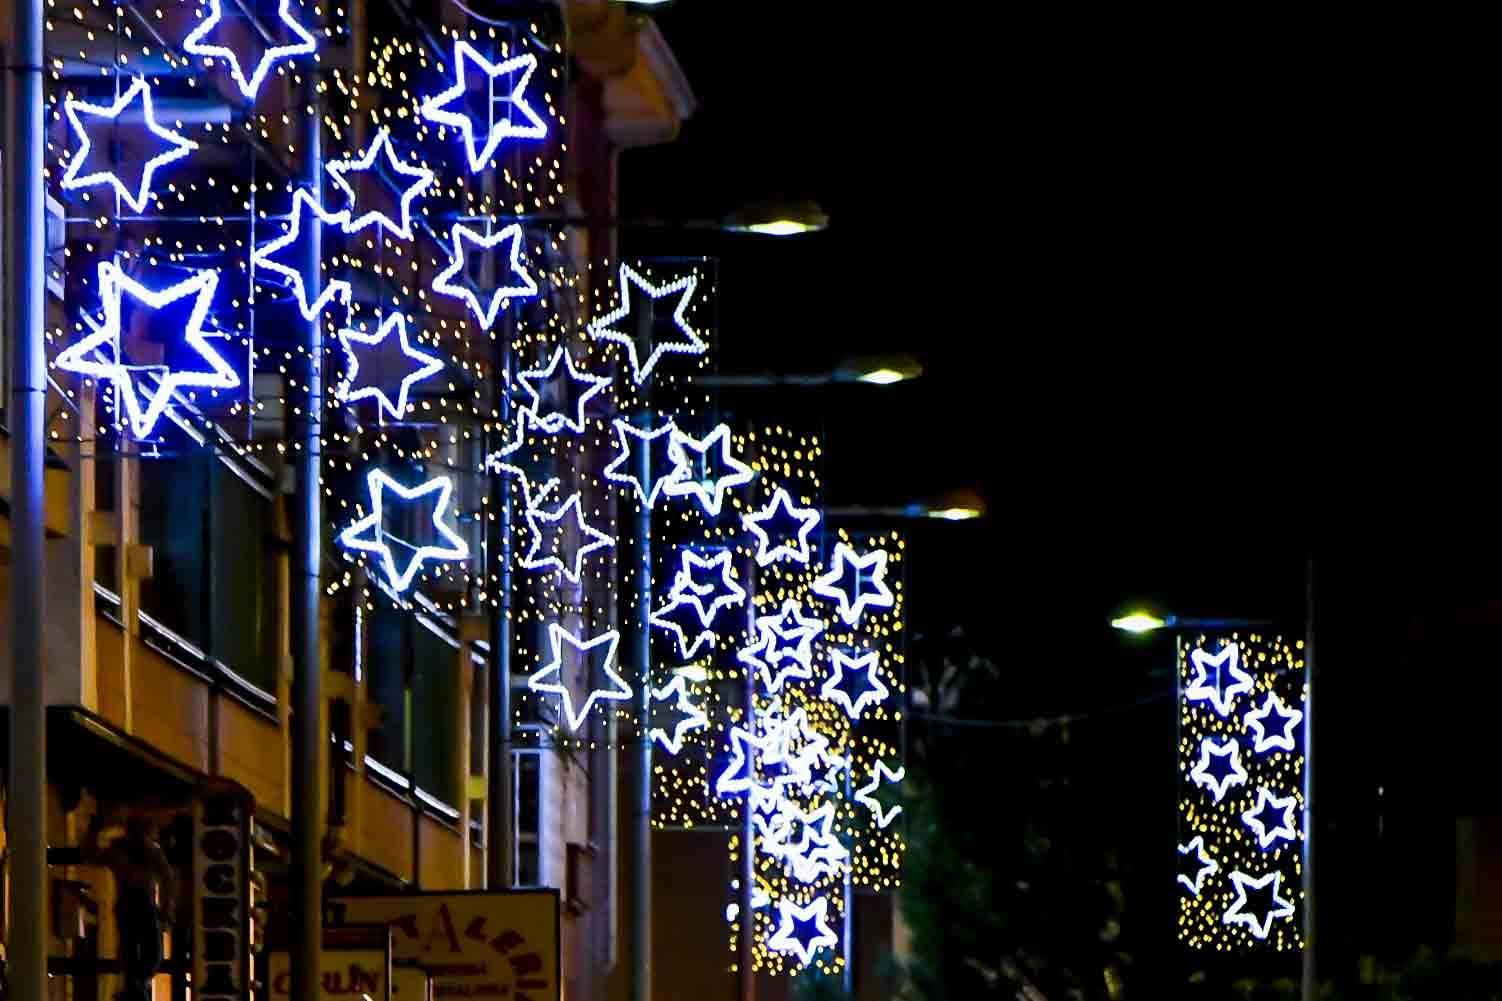 Imagen de la iluminación navideña.